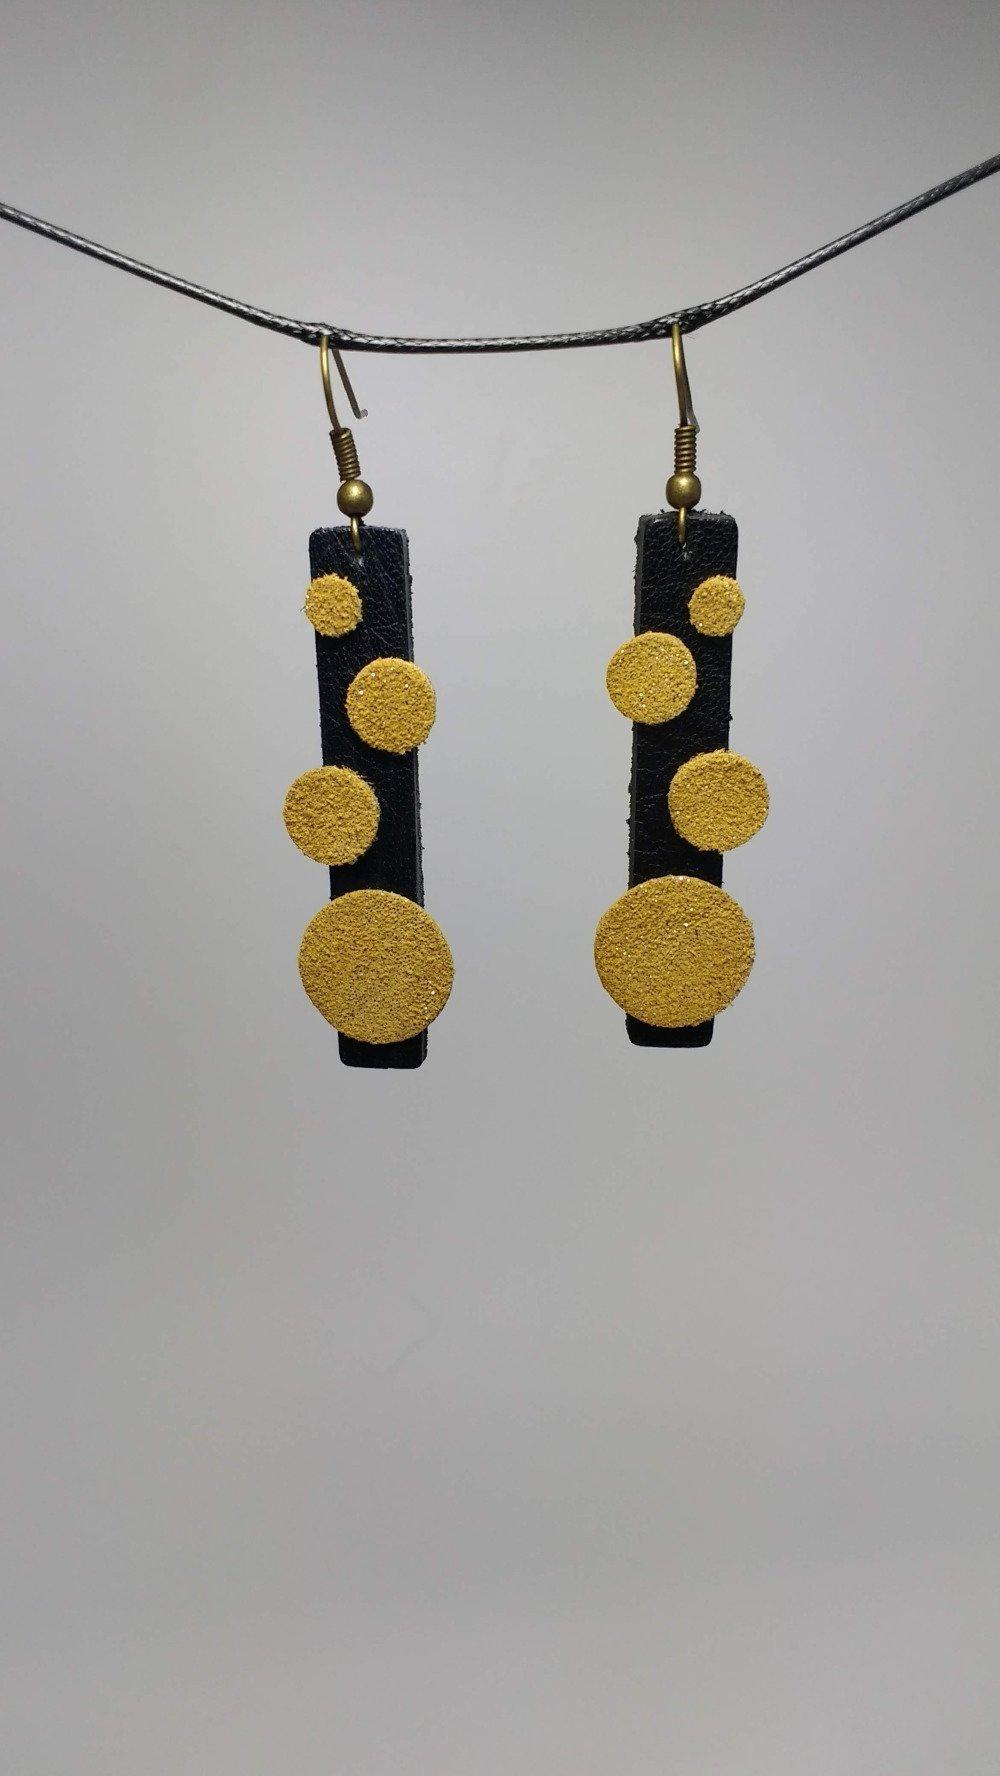 Boucles d'oreilles  cuir noir et or pailleté